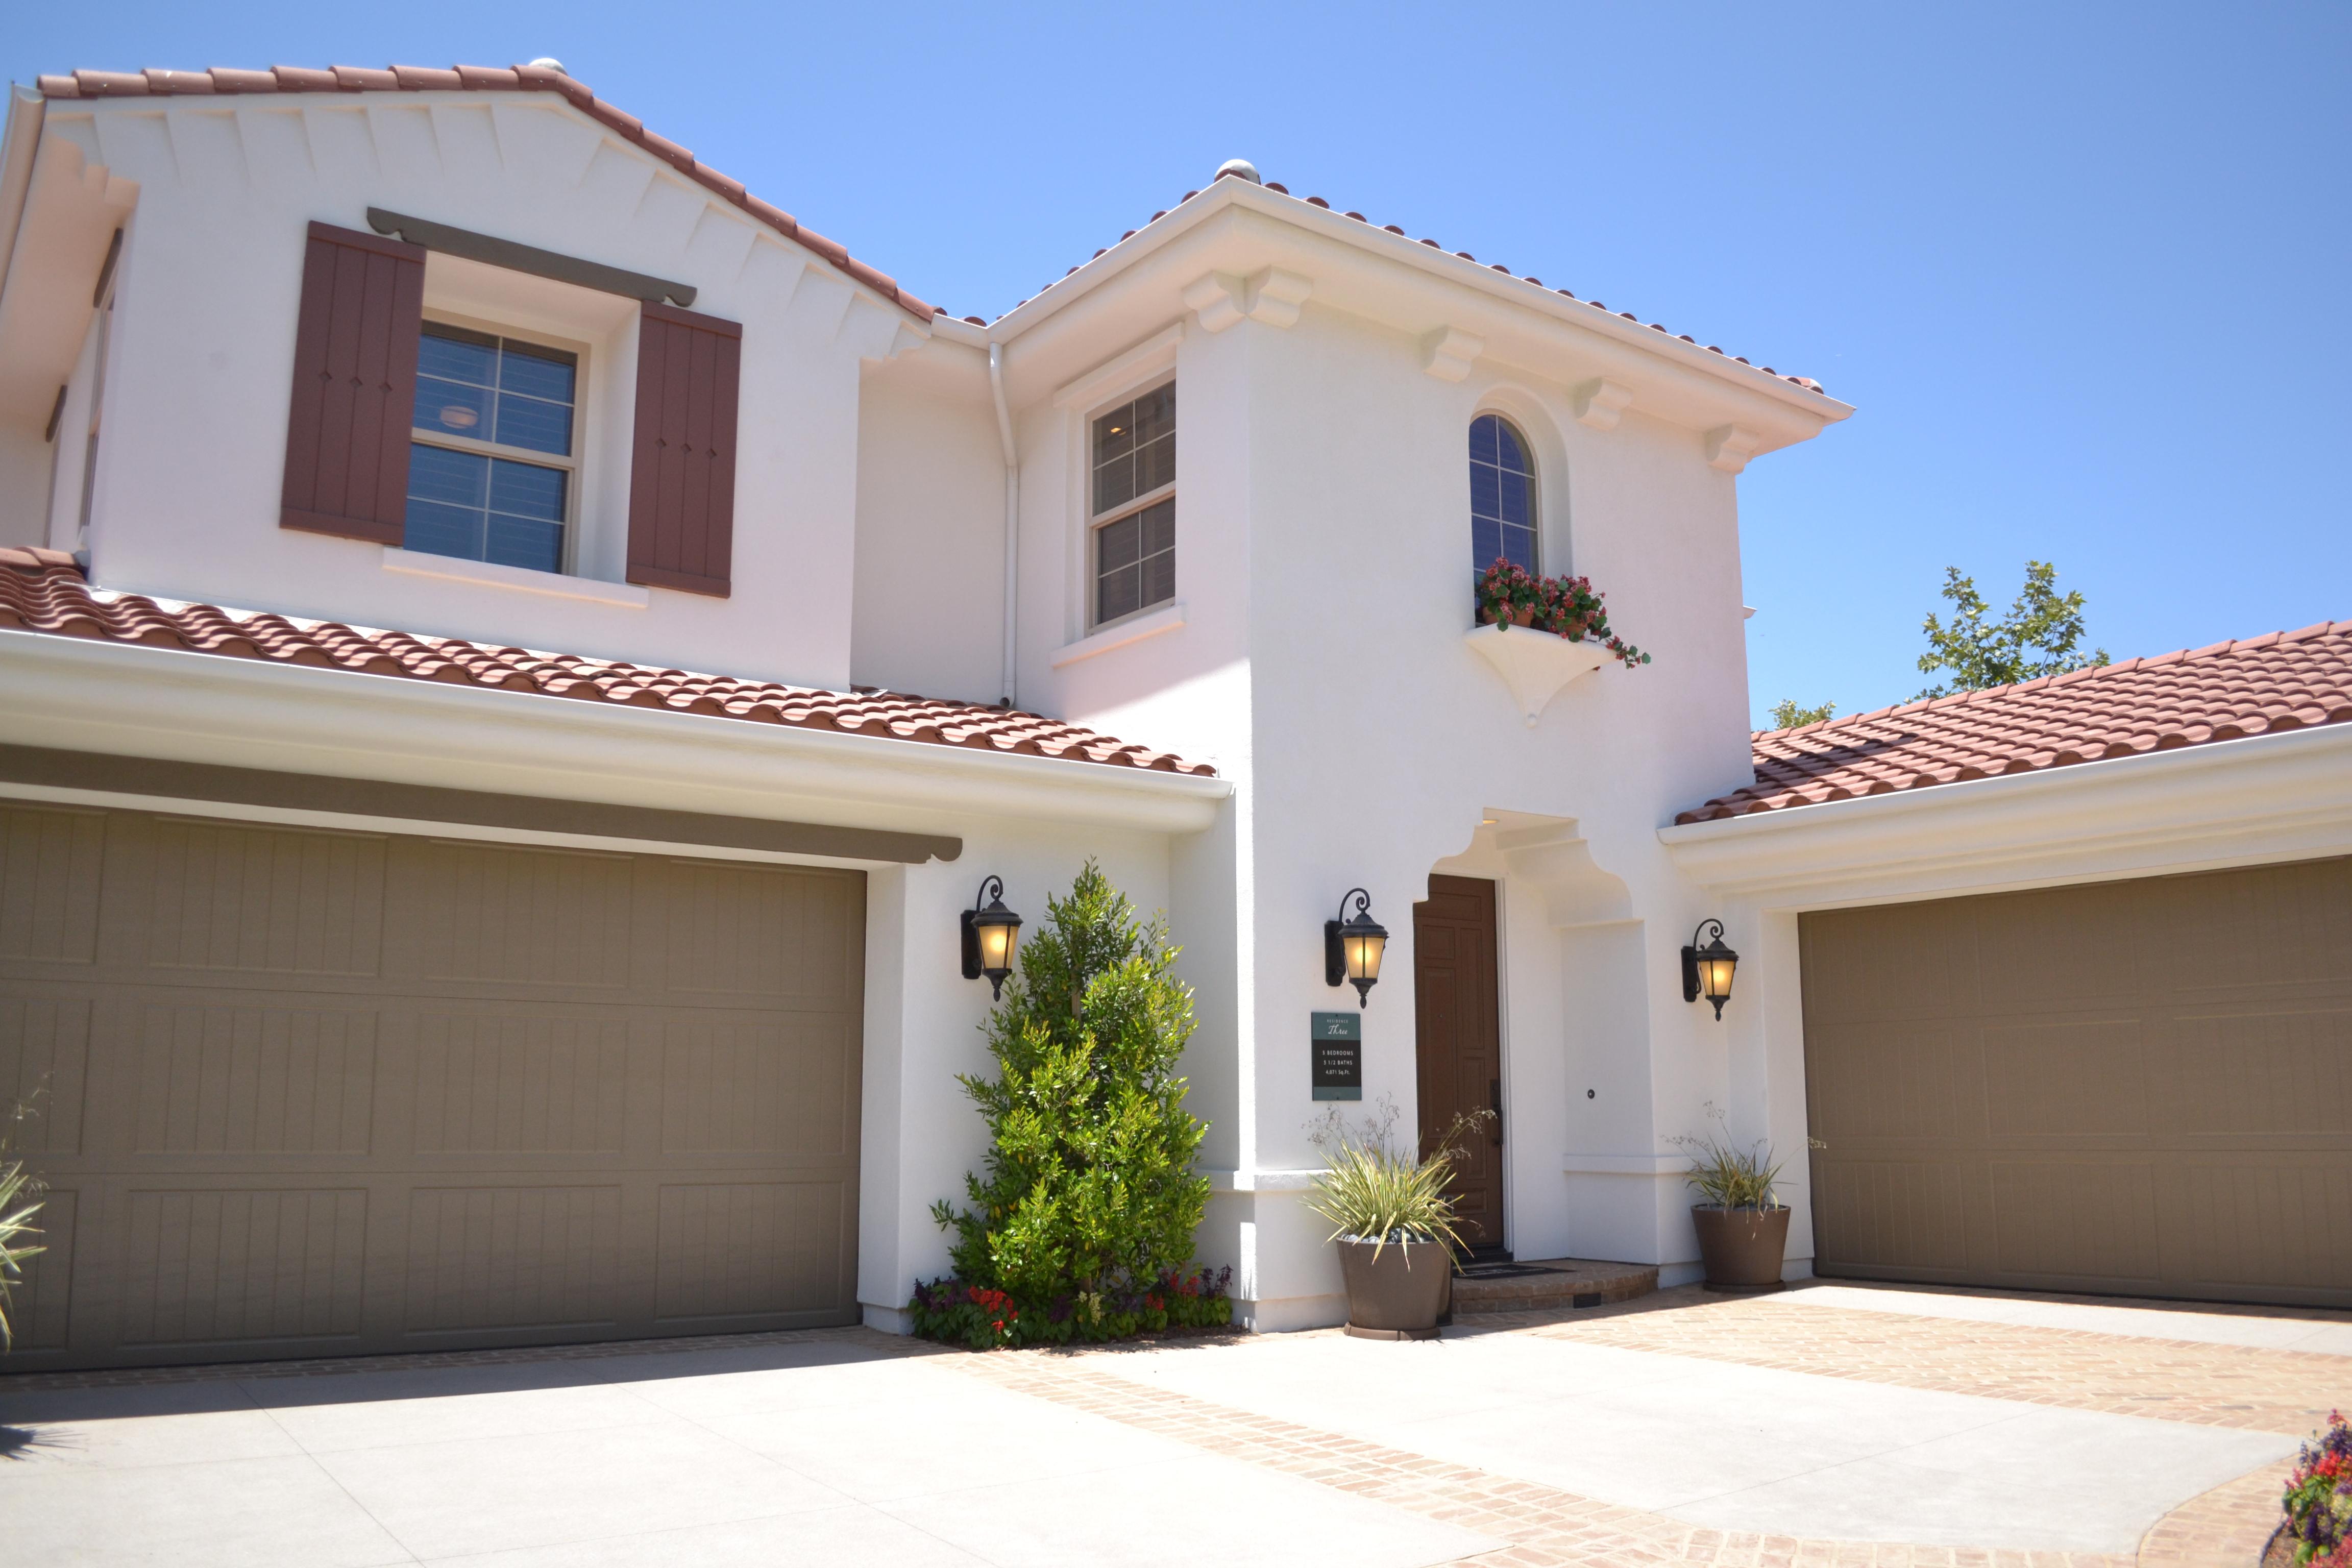 Tür Garage Haus kostenlose foto die architektur villa haus fenster dach